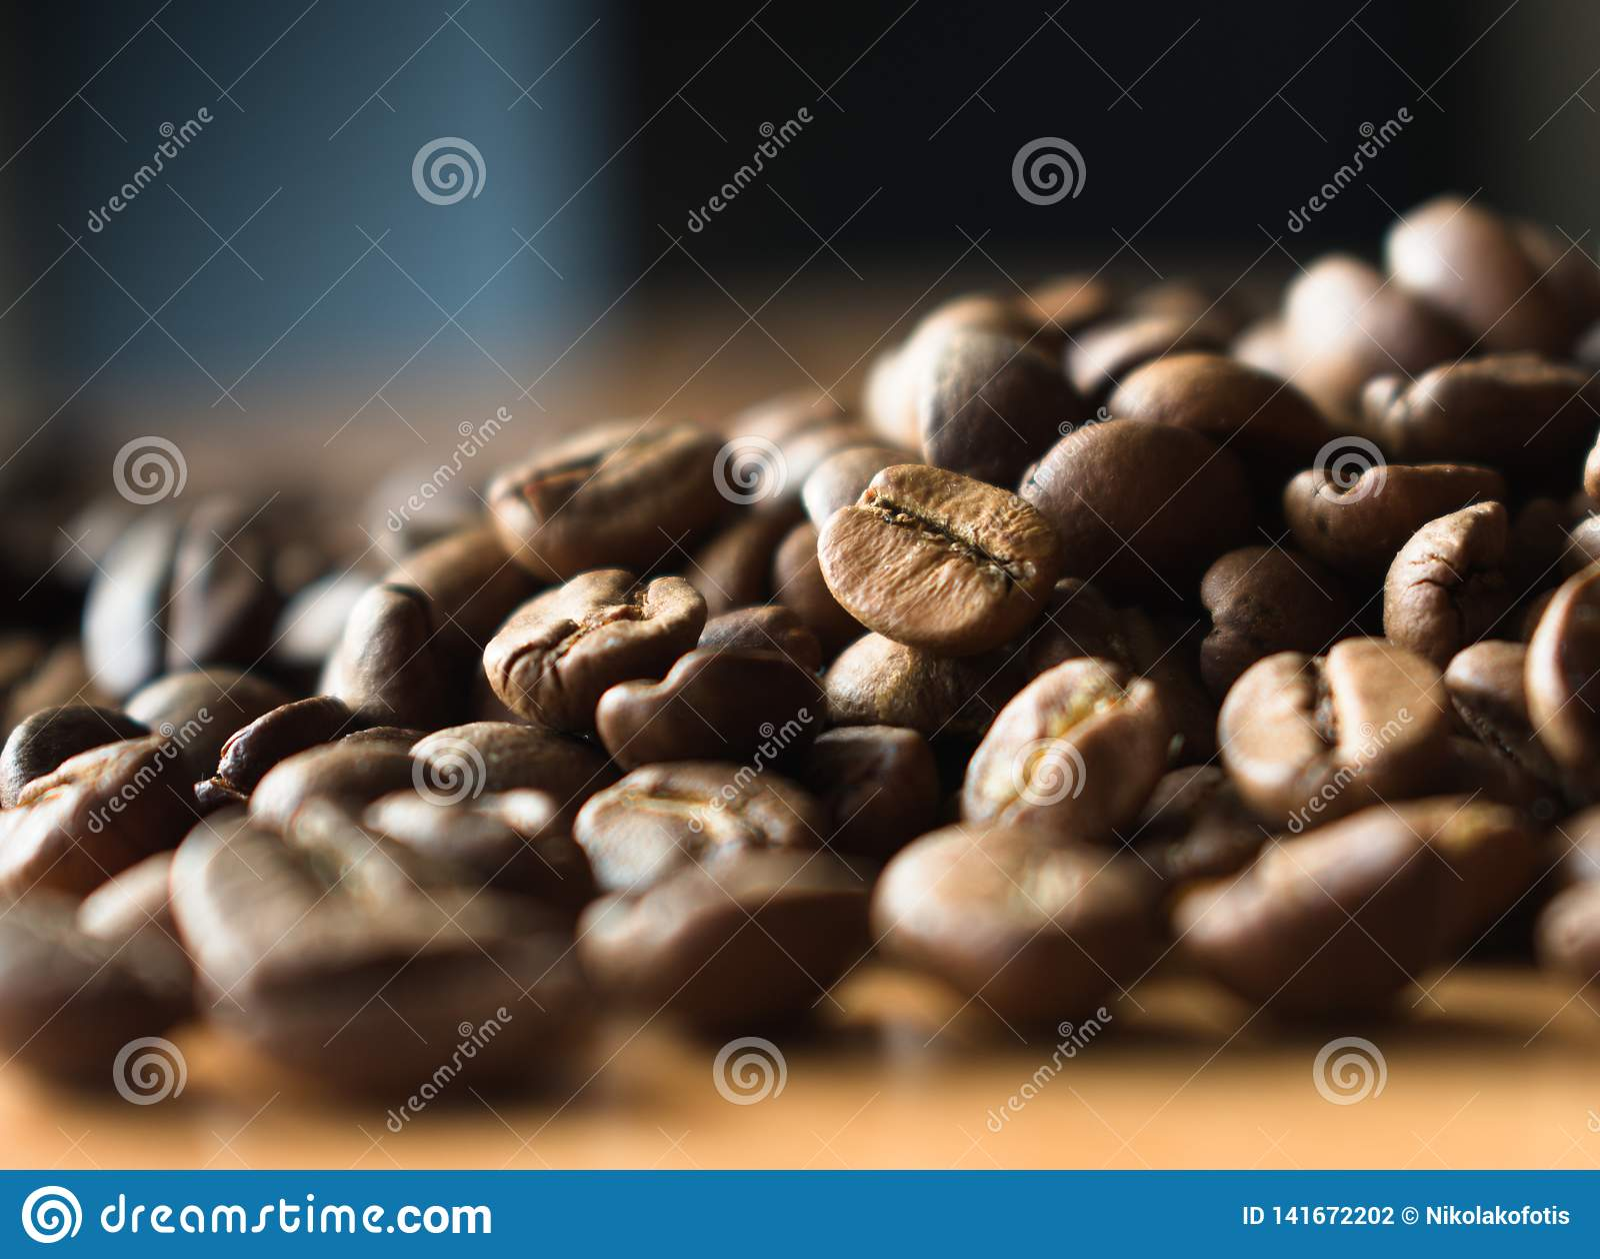 Chicchi di caffè sulla tavola